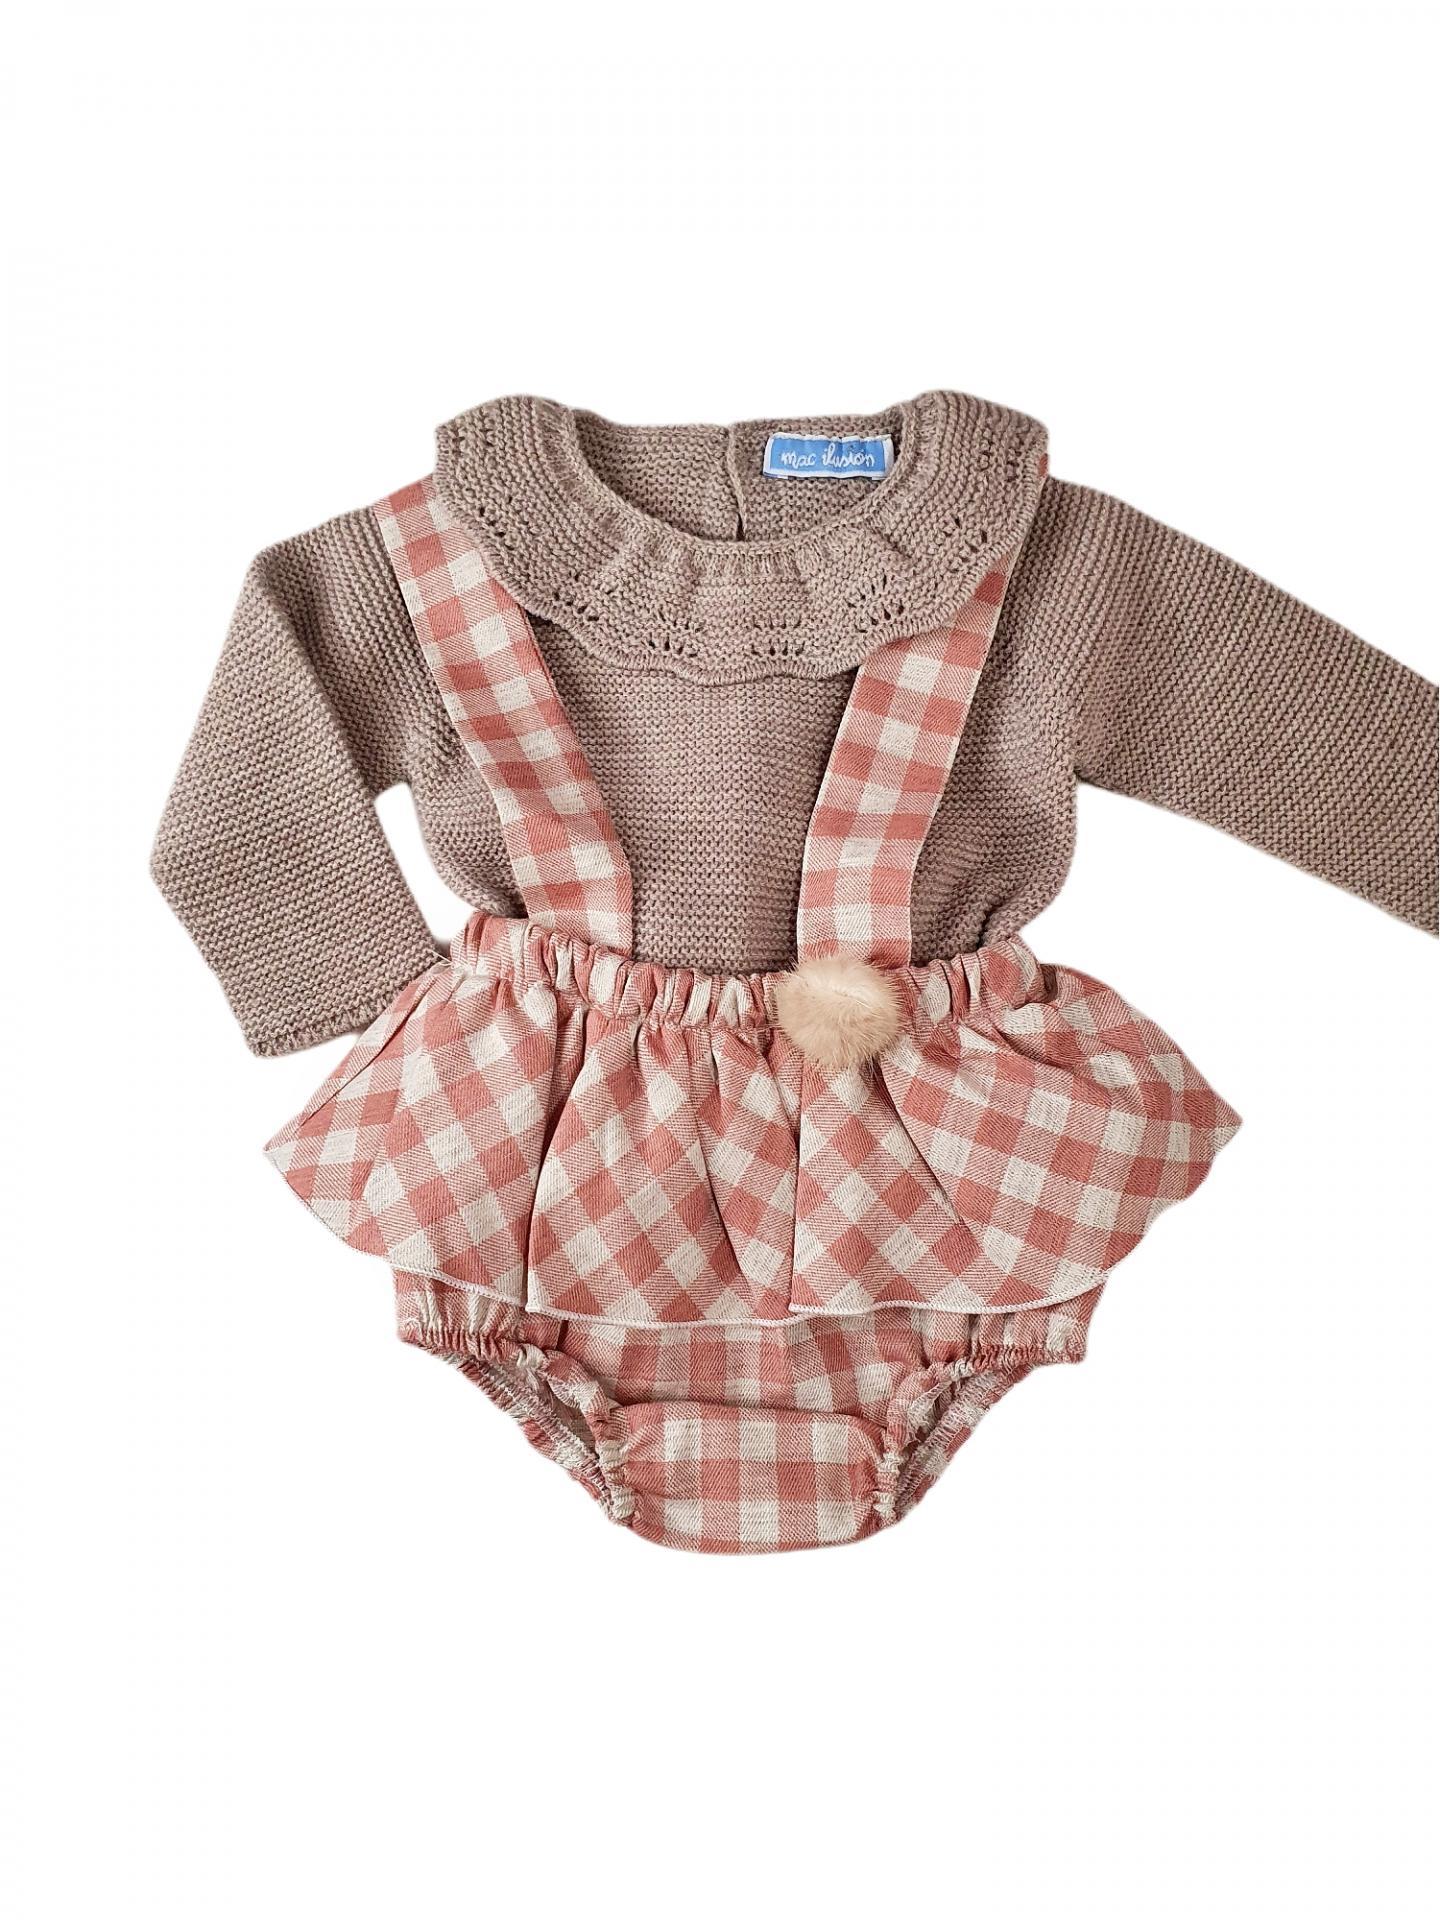 Peto con faldita + jersey bebé POMPOM & SQUARES